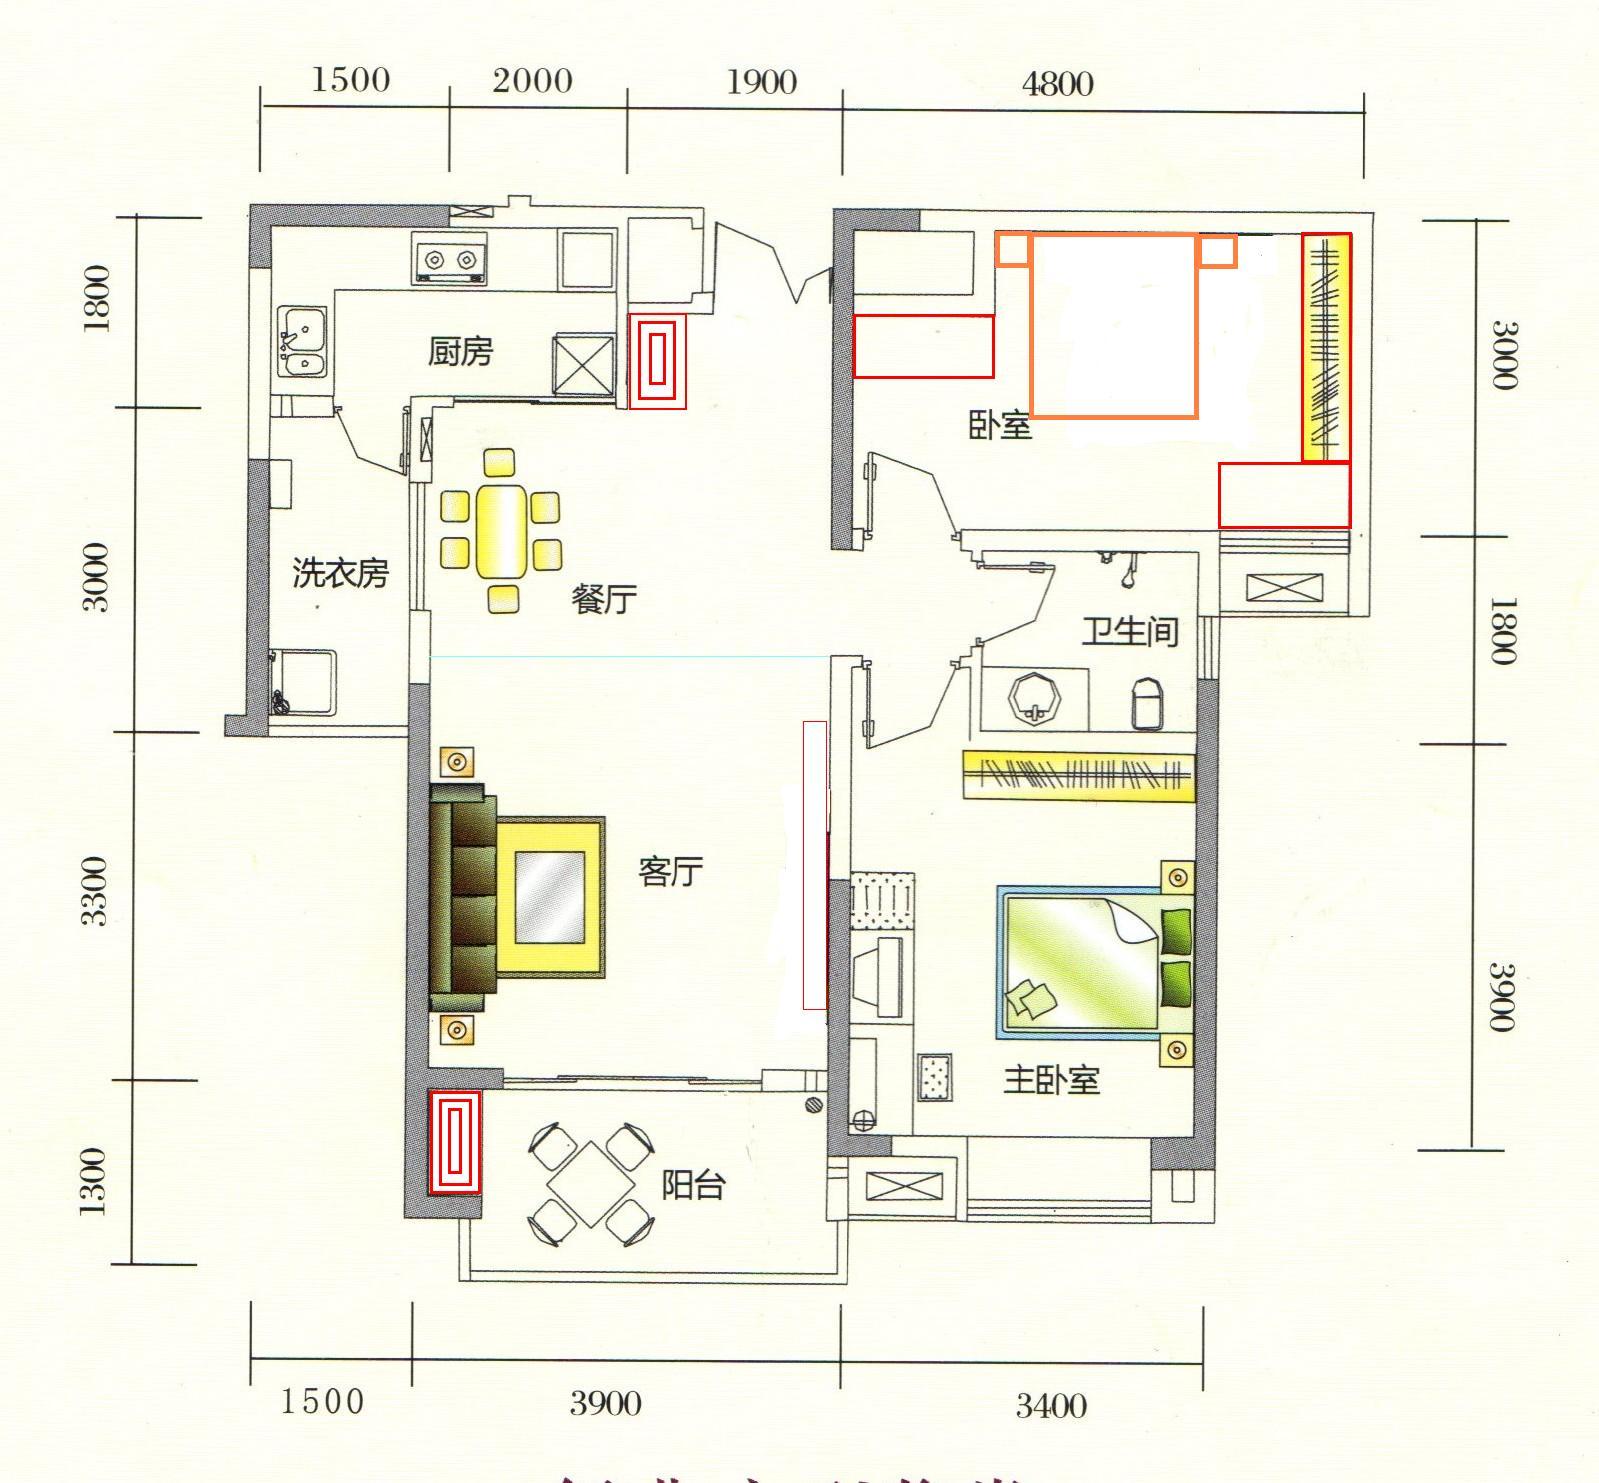 征集房子装修方案和效果图